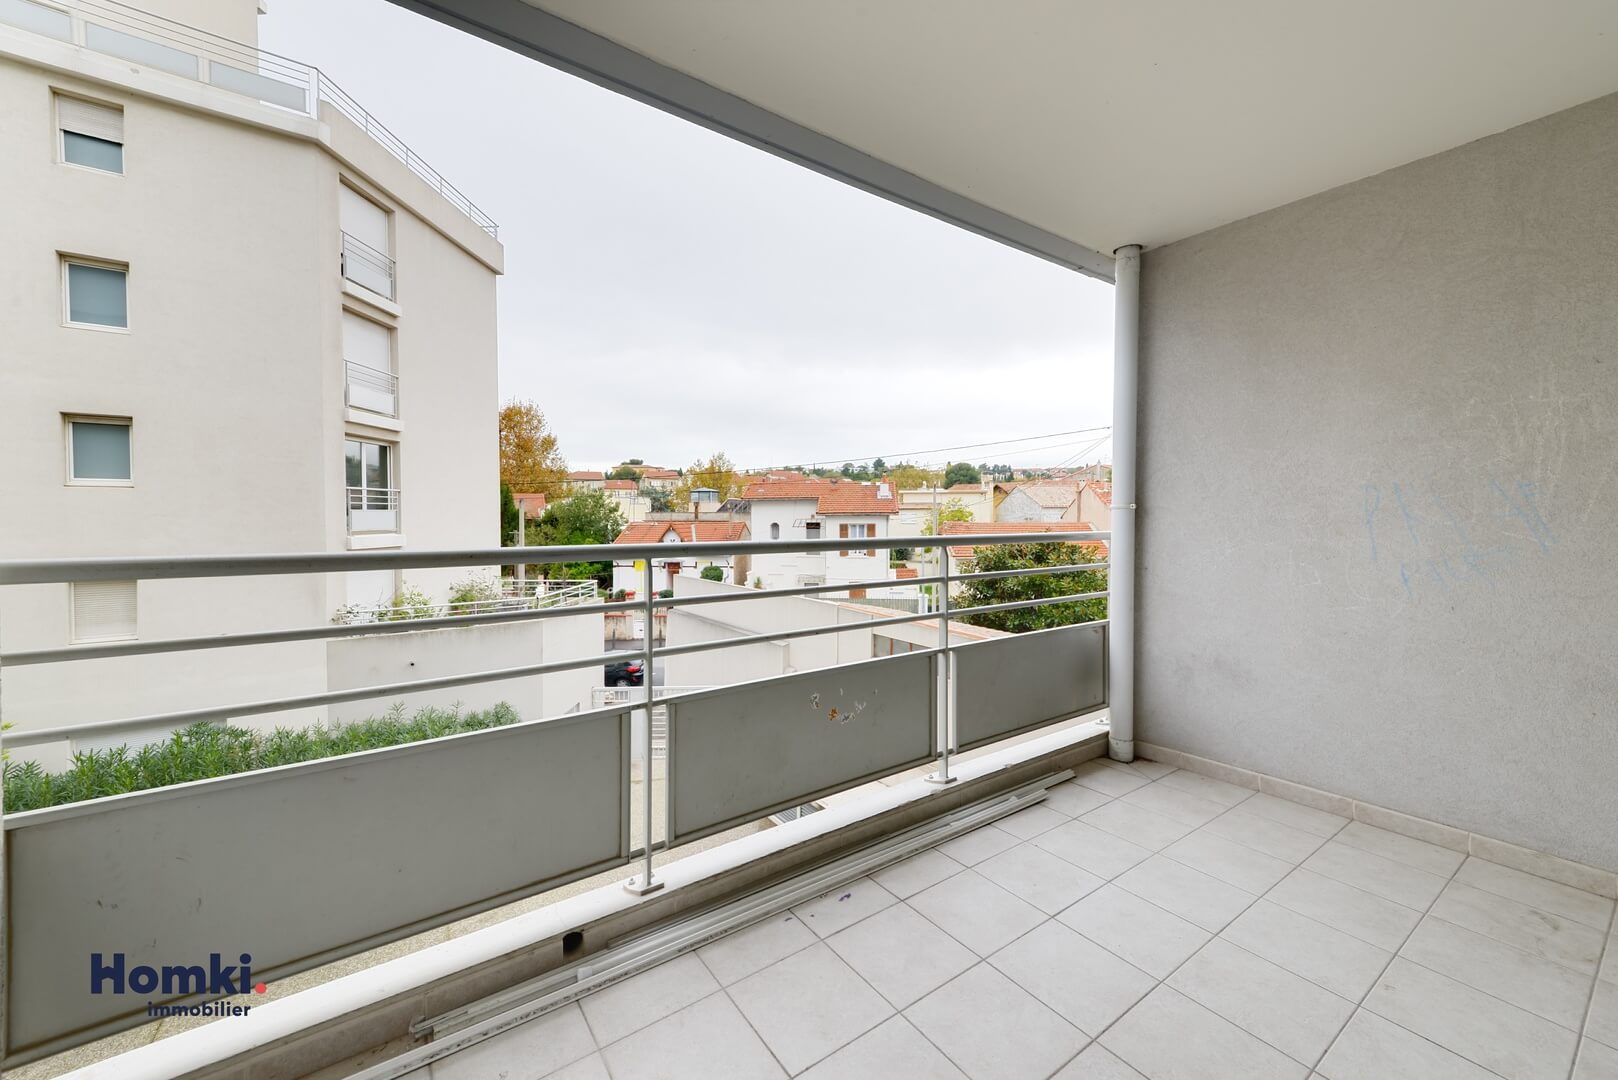 Homki - Vente appartement  de 60.0 m² à marseille 13013